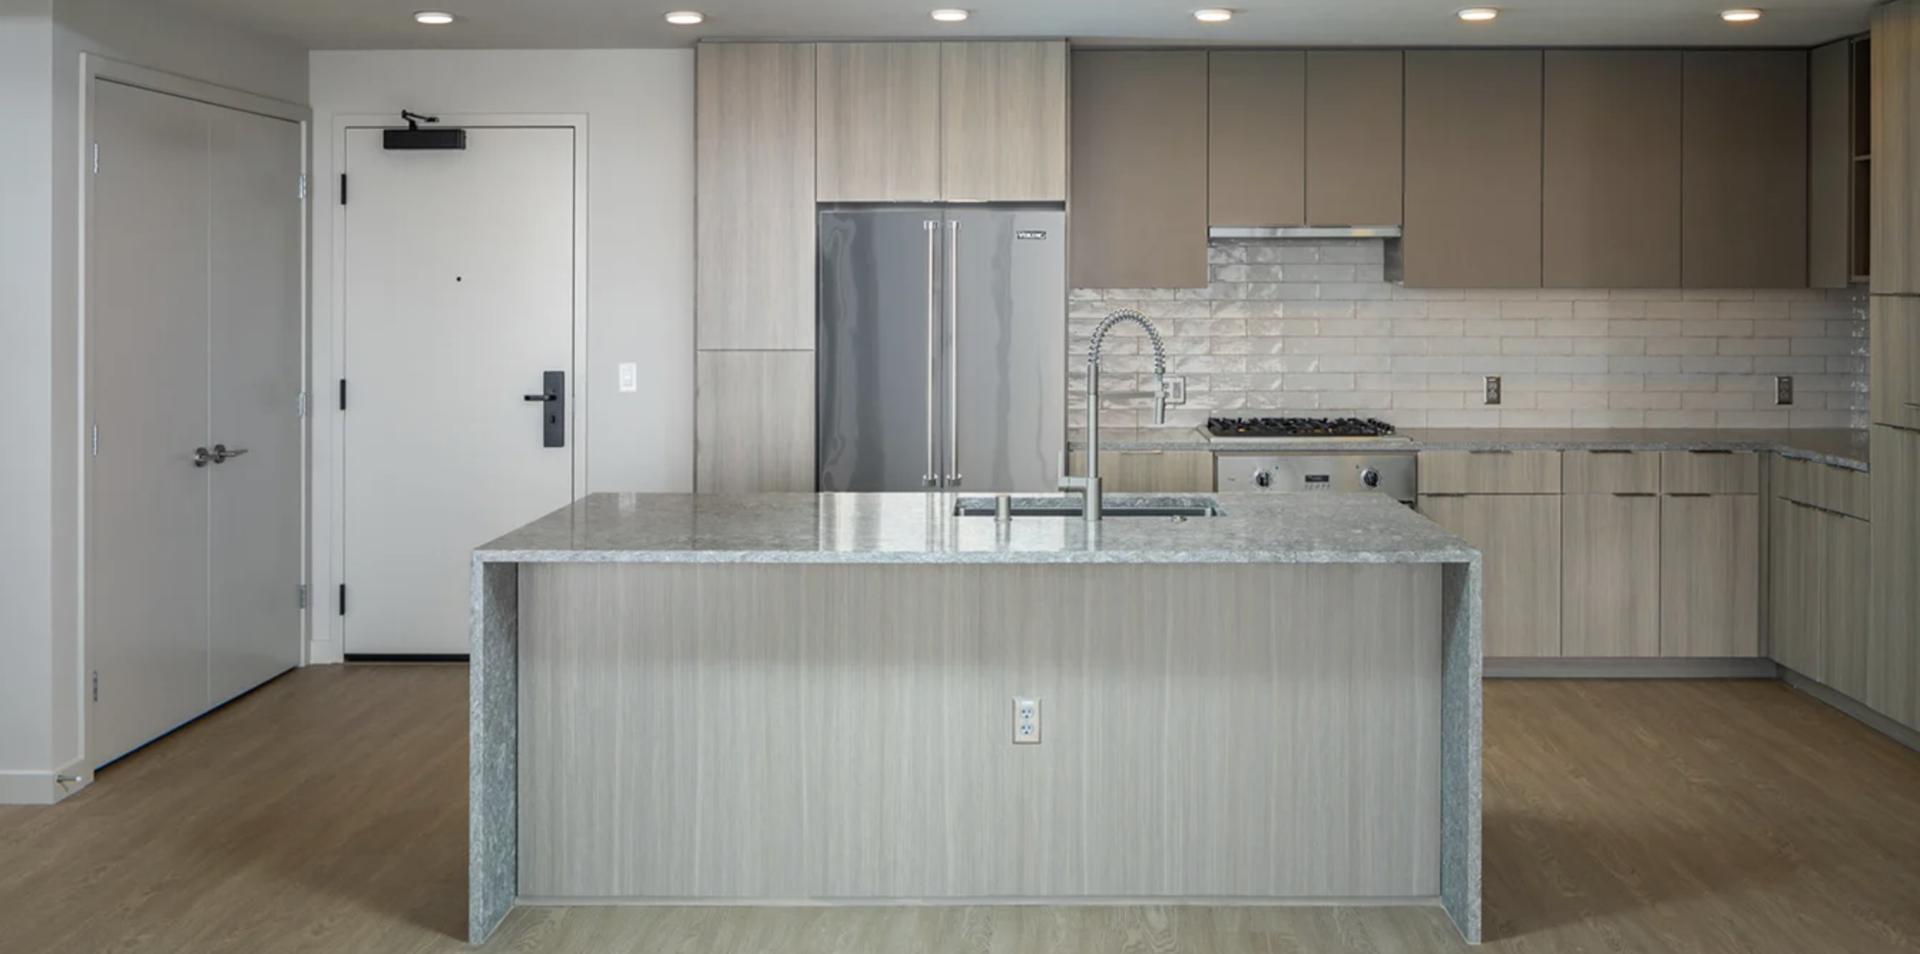 601 11th Avenue #1704, San Diego, CA - $3,840 USD/ month